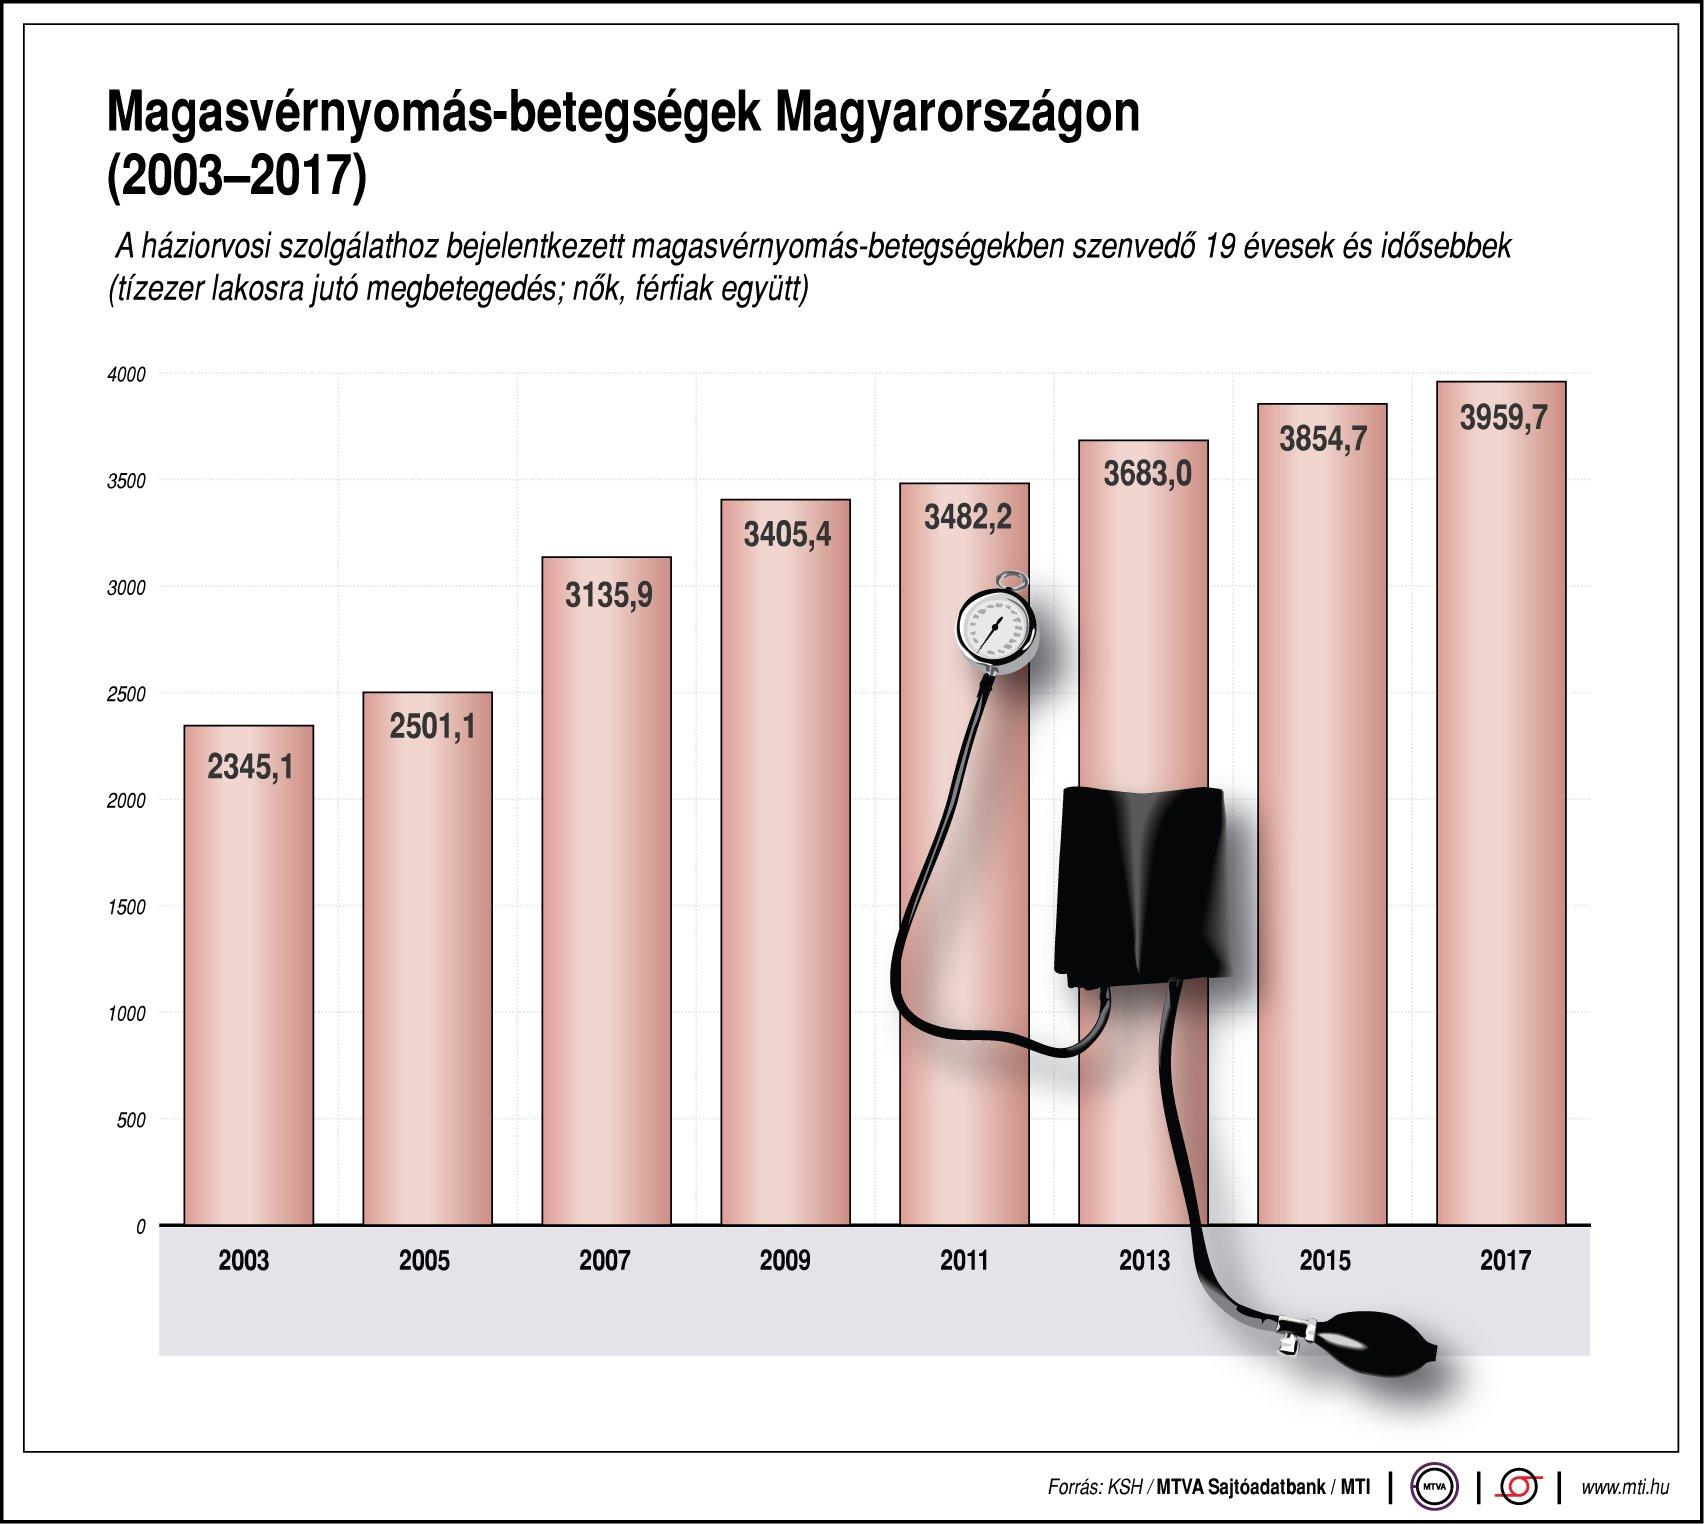 az ápoló szerepe a magas vérnyomás kezelésében a magas vérnyomás tirotoxikózissal történő kezelése